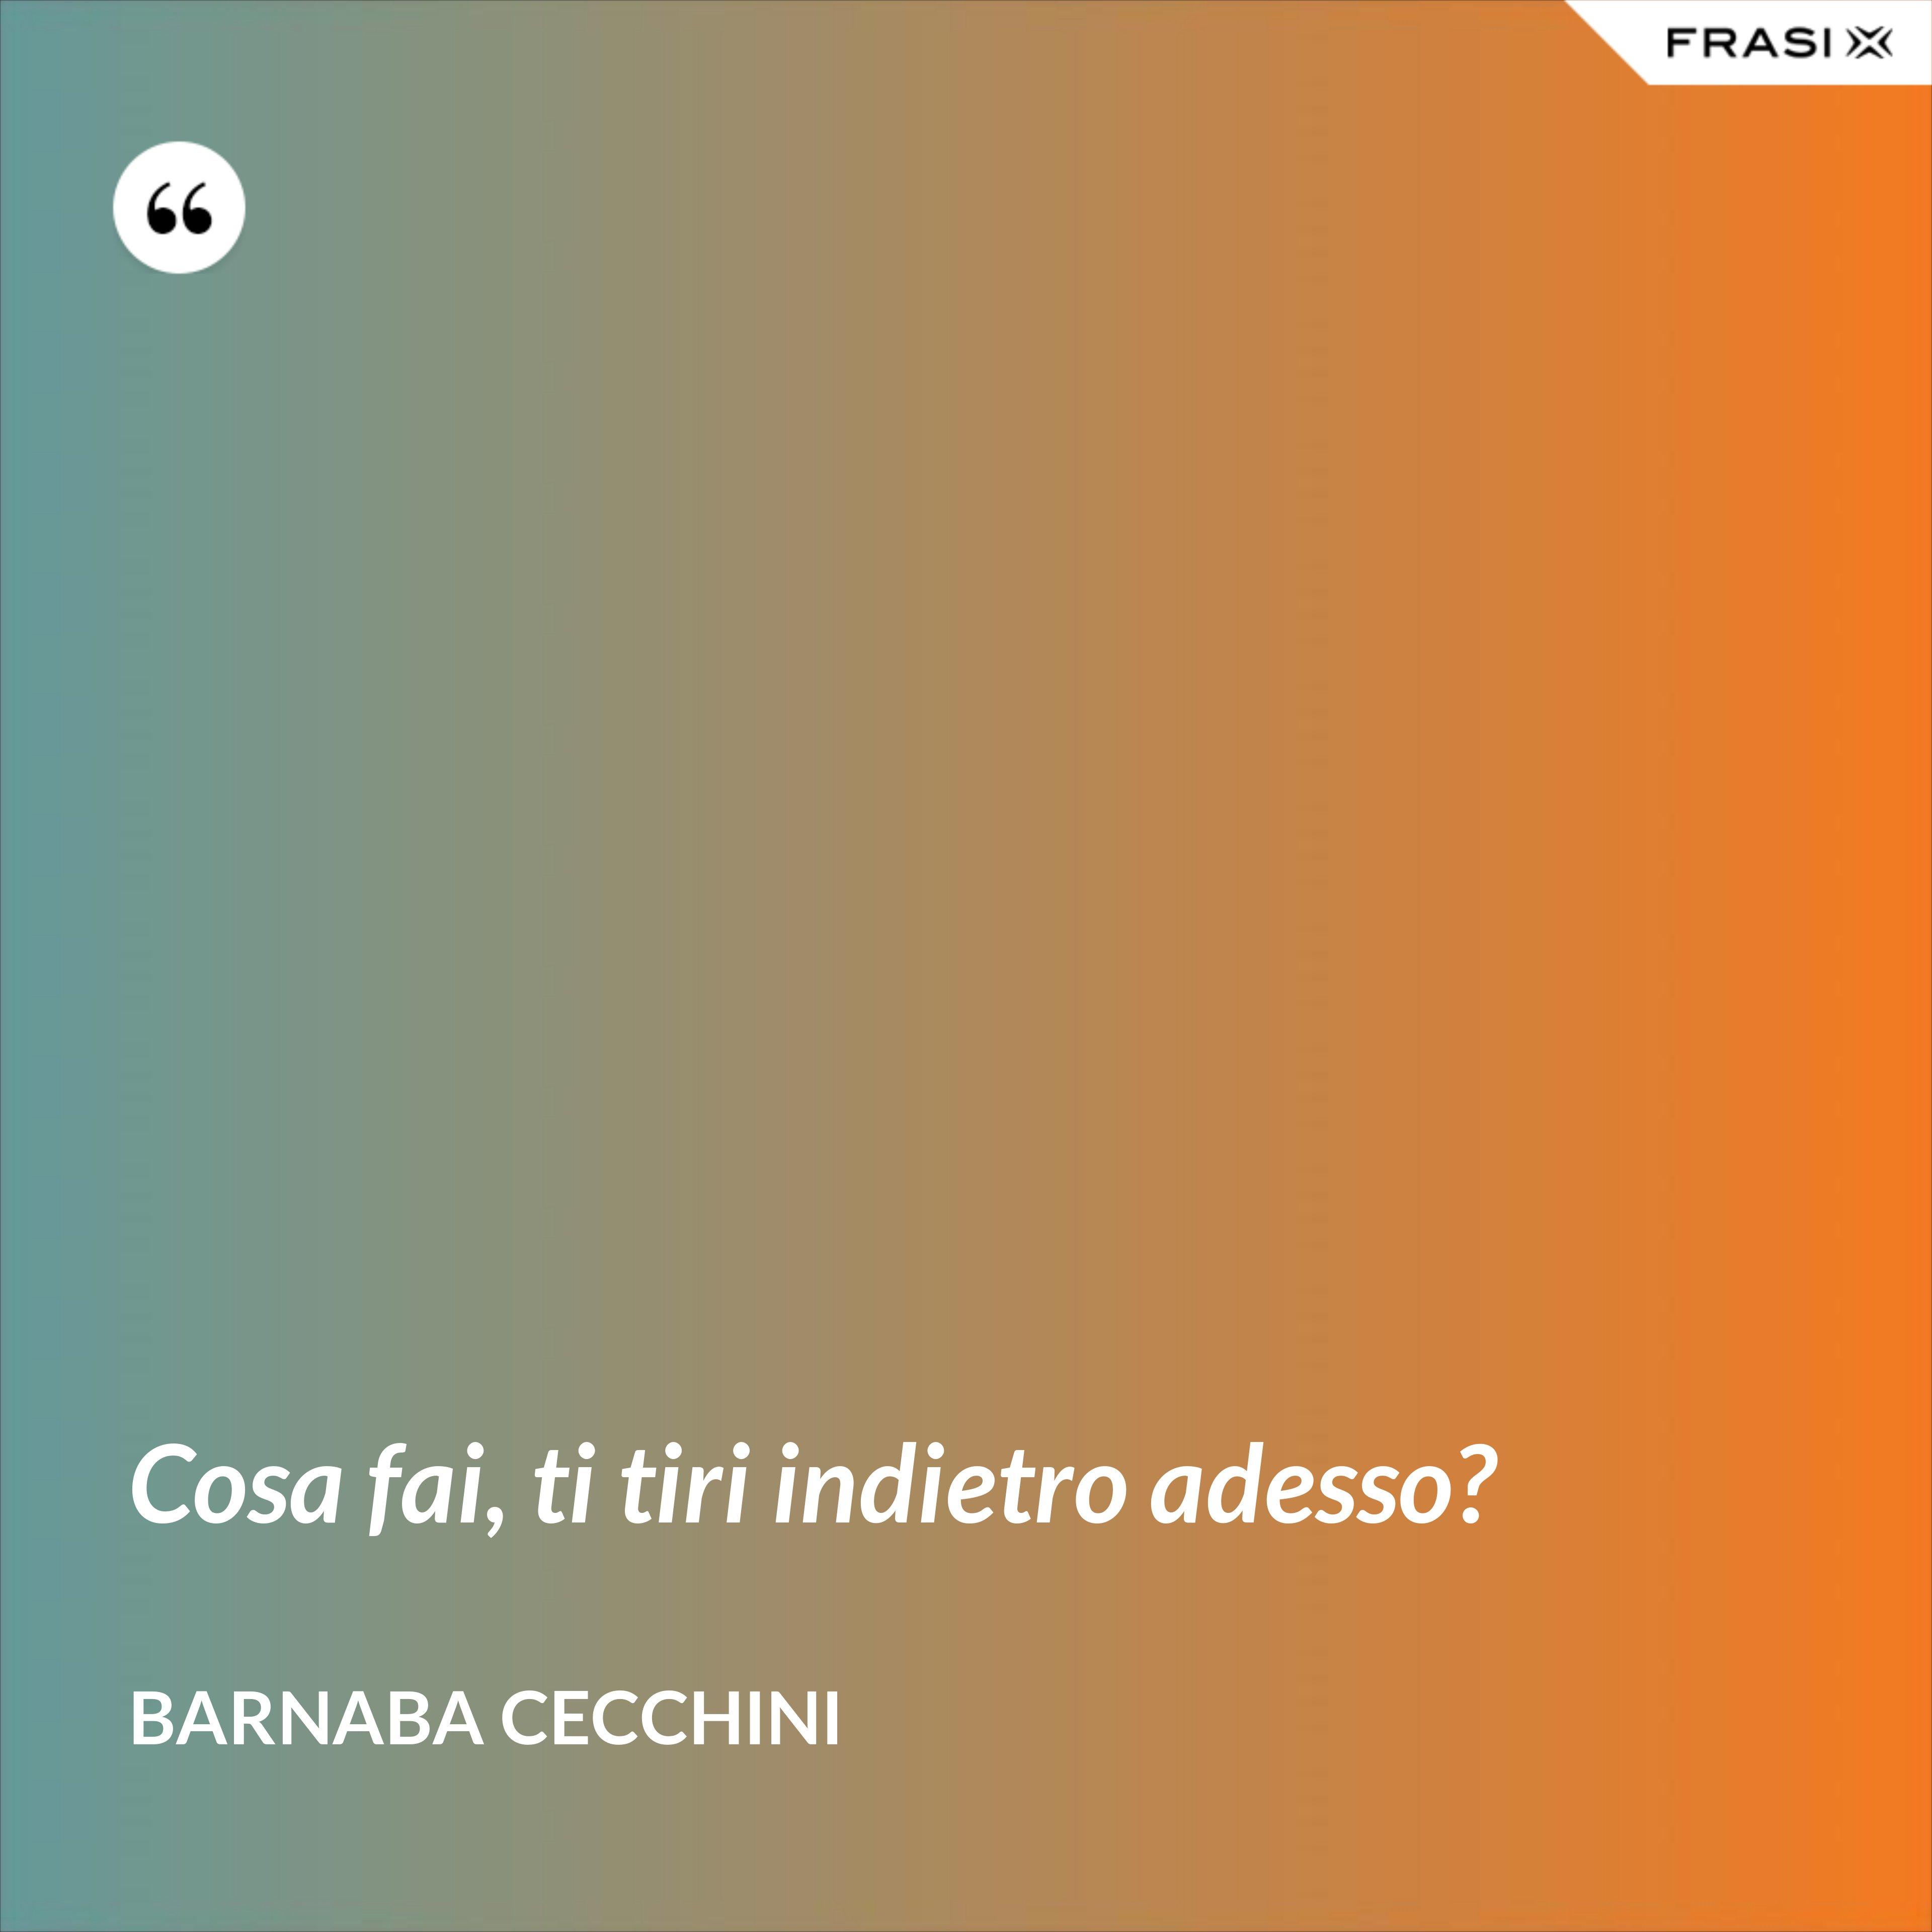 Cosa fai, ti tiri indietro adesso? - Barnaba Cecchini